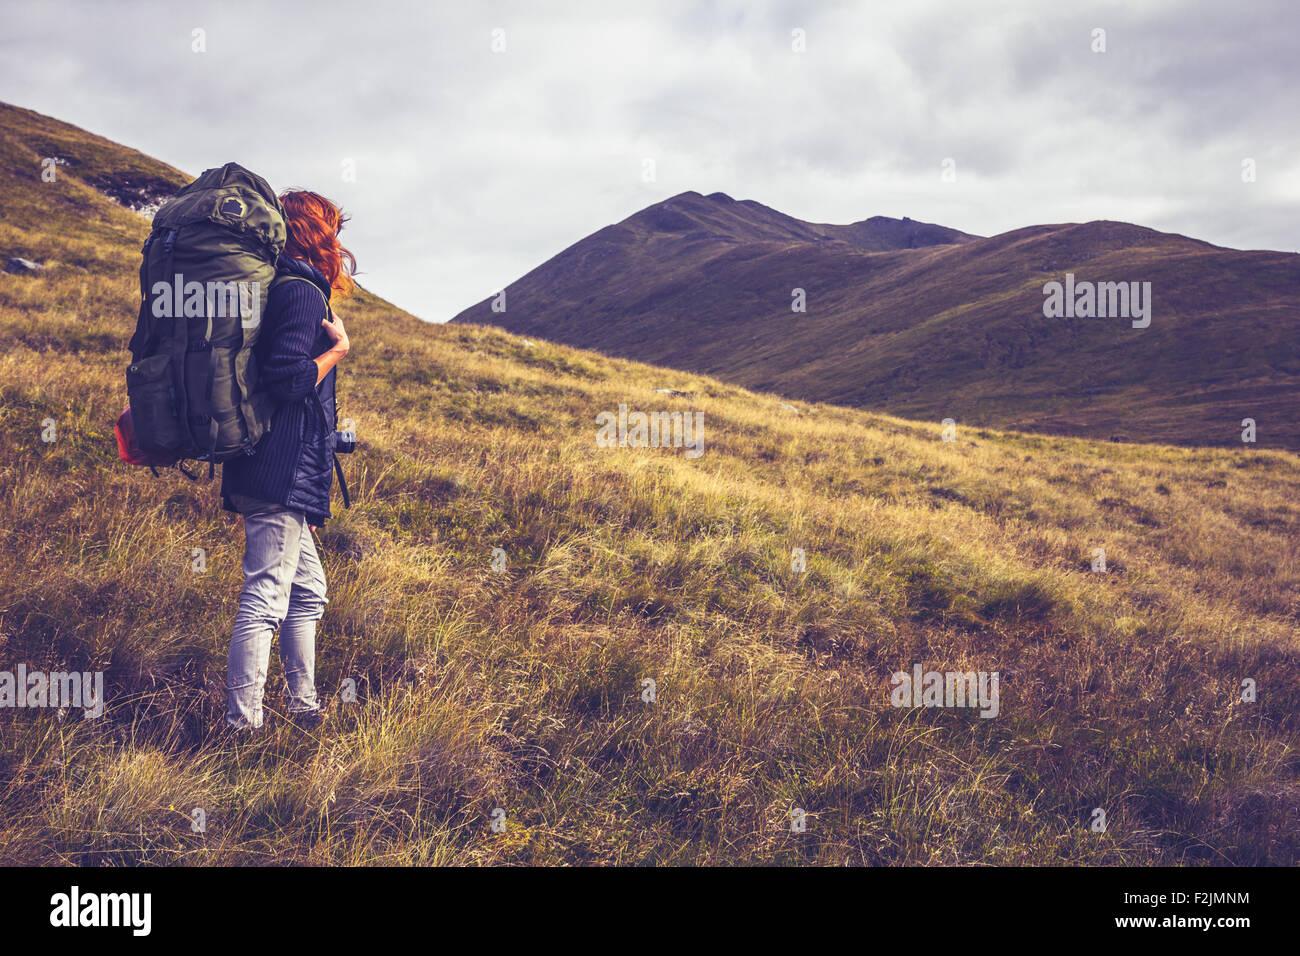 Mujer joven mochilero a través del desierto con montañas Imagen De Stock